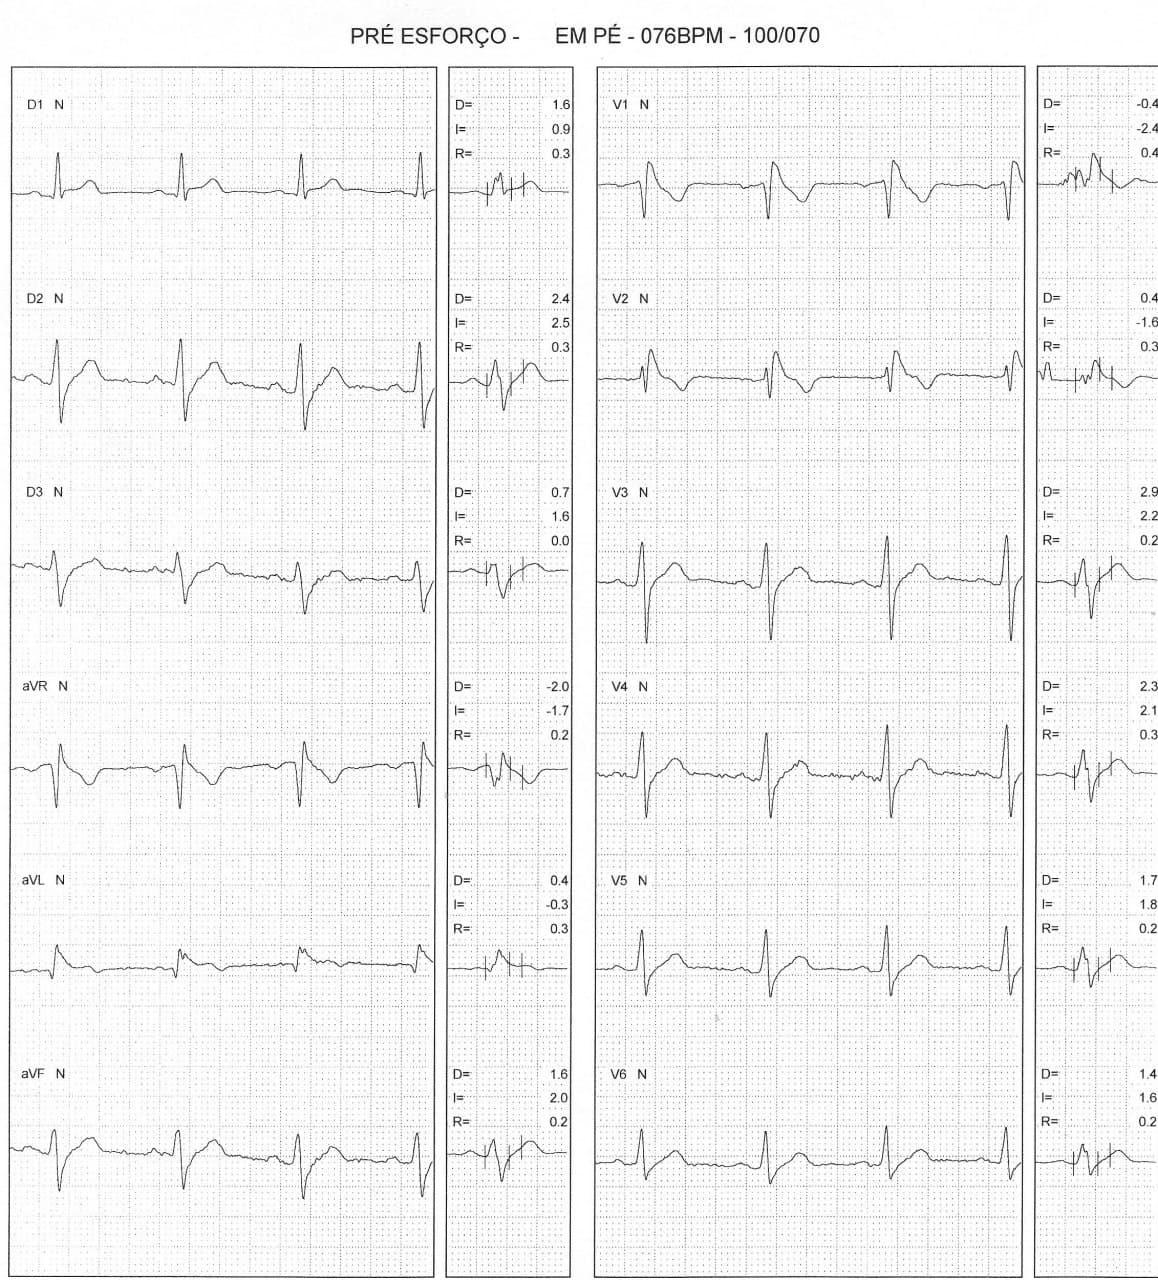 Paciente masculino de 32 años, asintomático, con antecedente de hermano fallecido súbitamente que presenta ECG con patrón de Brugada tipo I que aumenta en el postesfuerzo asociado a patrón de repolarización precoz ínferolateral